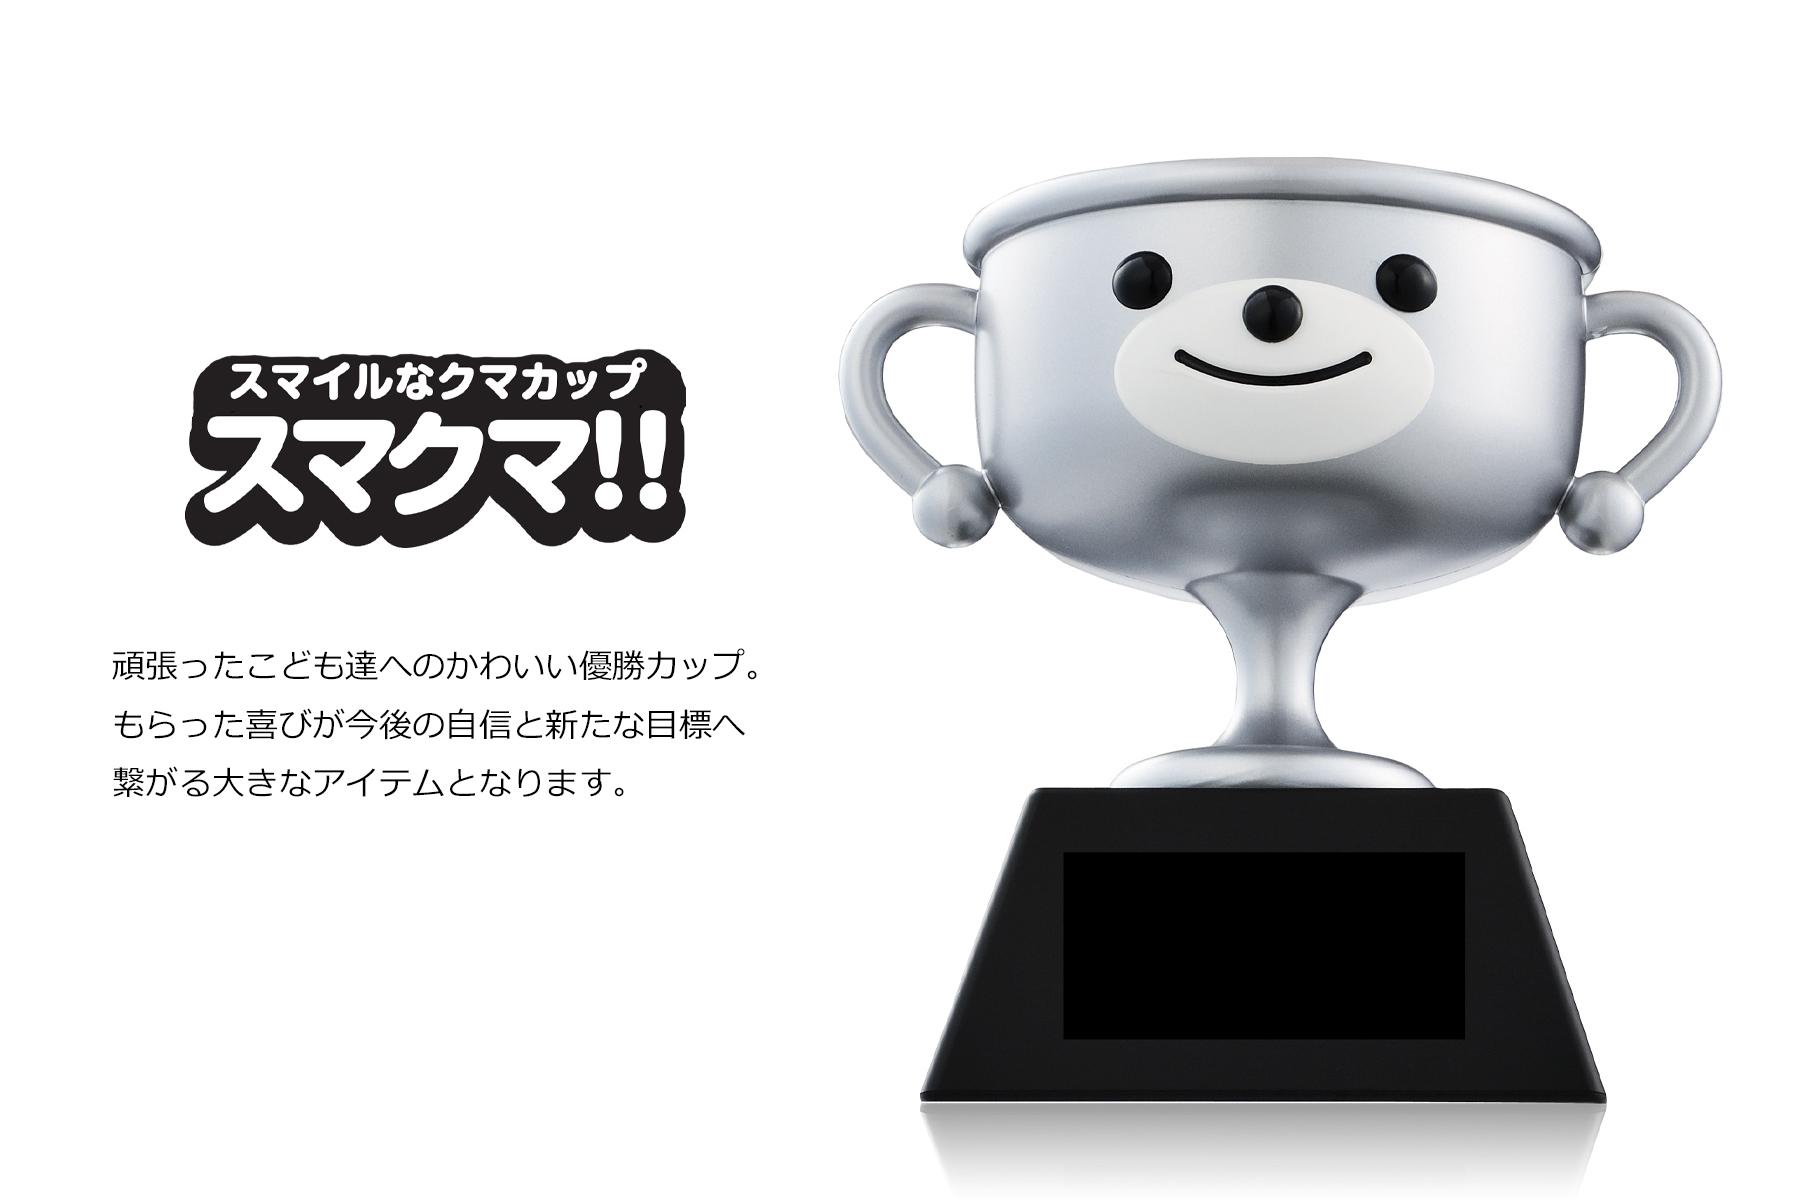 JV-HP-1000 みんなが大好きスマクマカップはスマクマからビックマに顔が変えれます